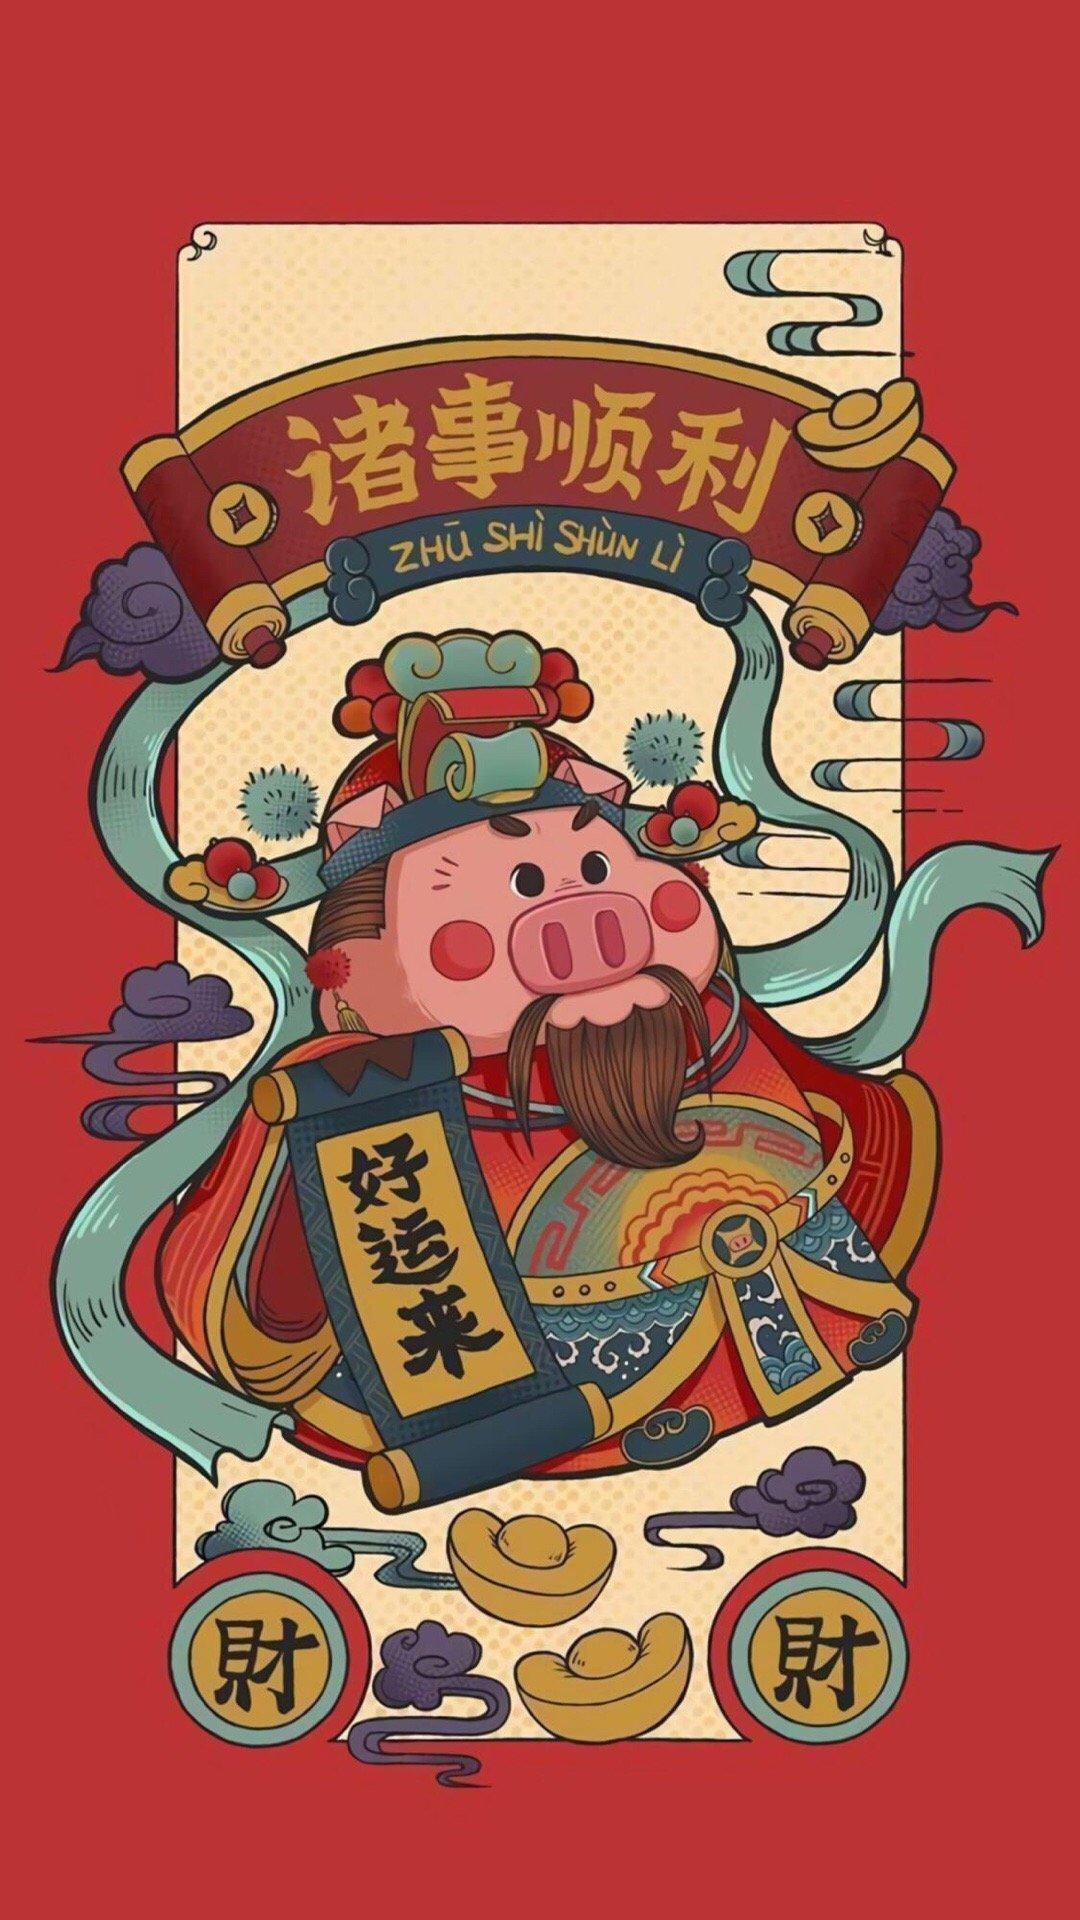 网上收集的一组财神手机壁纸点赞评论转发2019猪事顺利,财貌双全